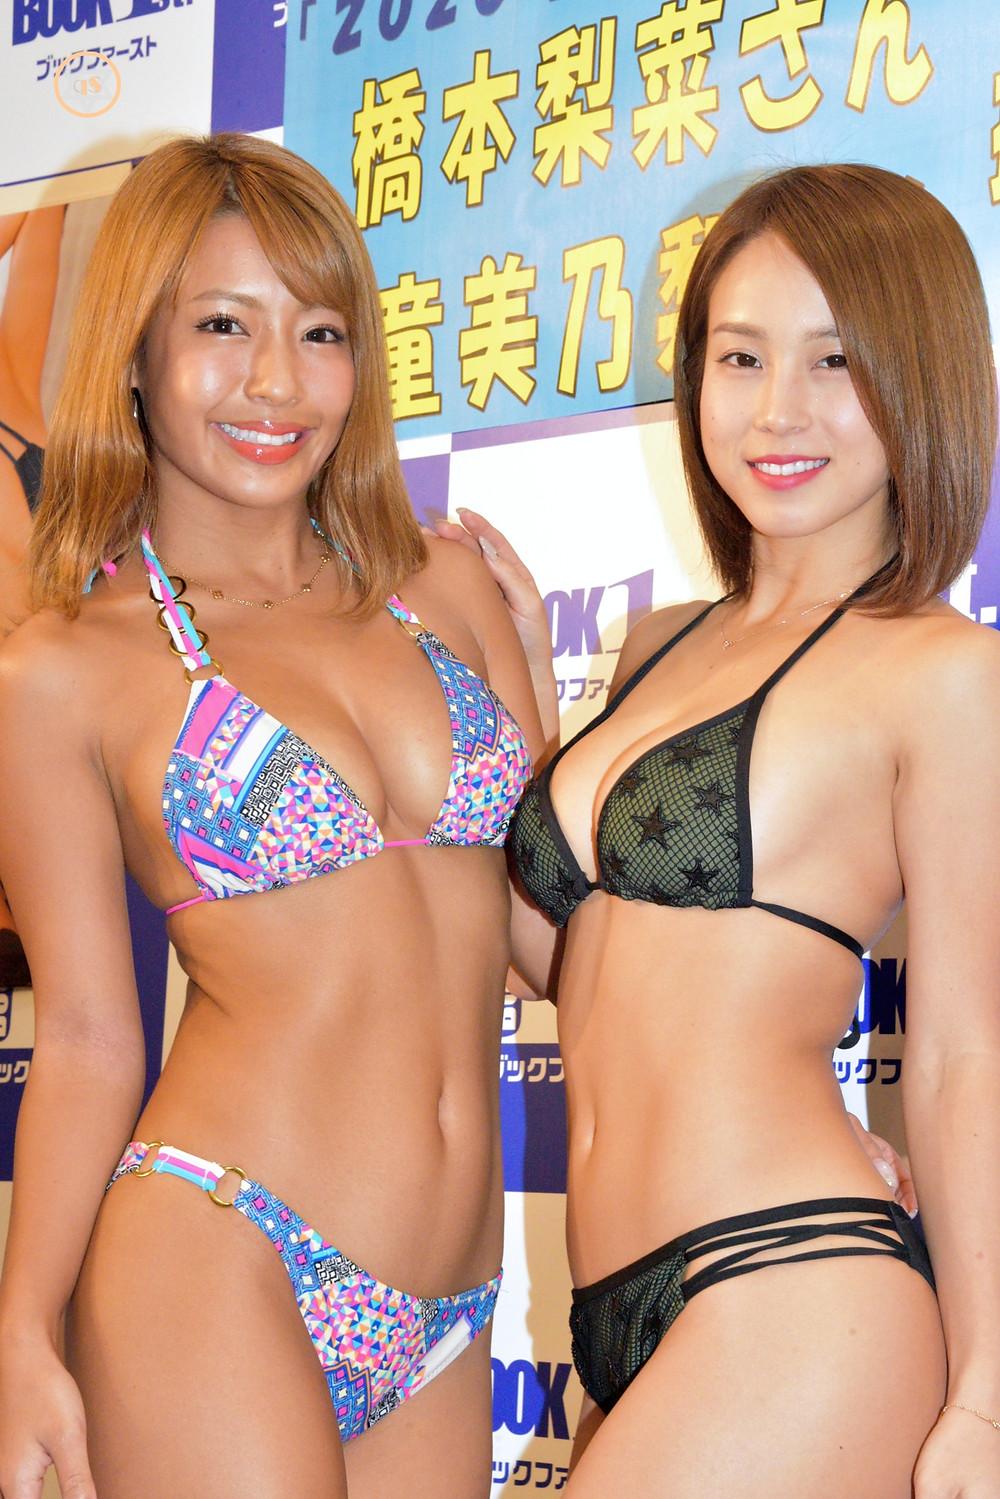 橋本梨菜・犬童美乃梨 2020年カレンダー 巨乳Gカップグラビアアイドル (1)